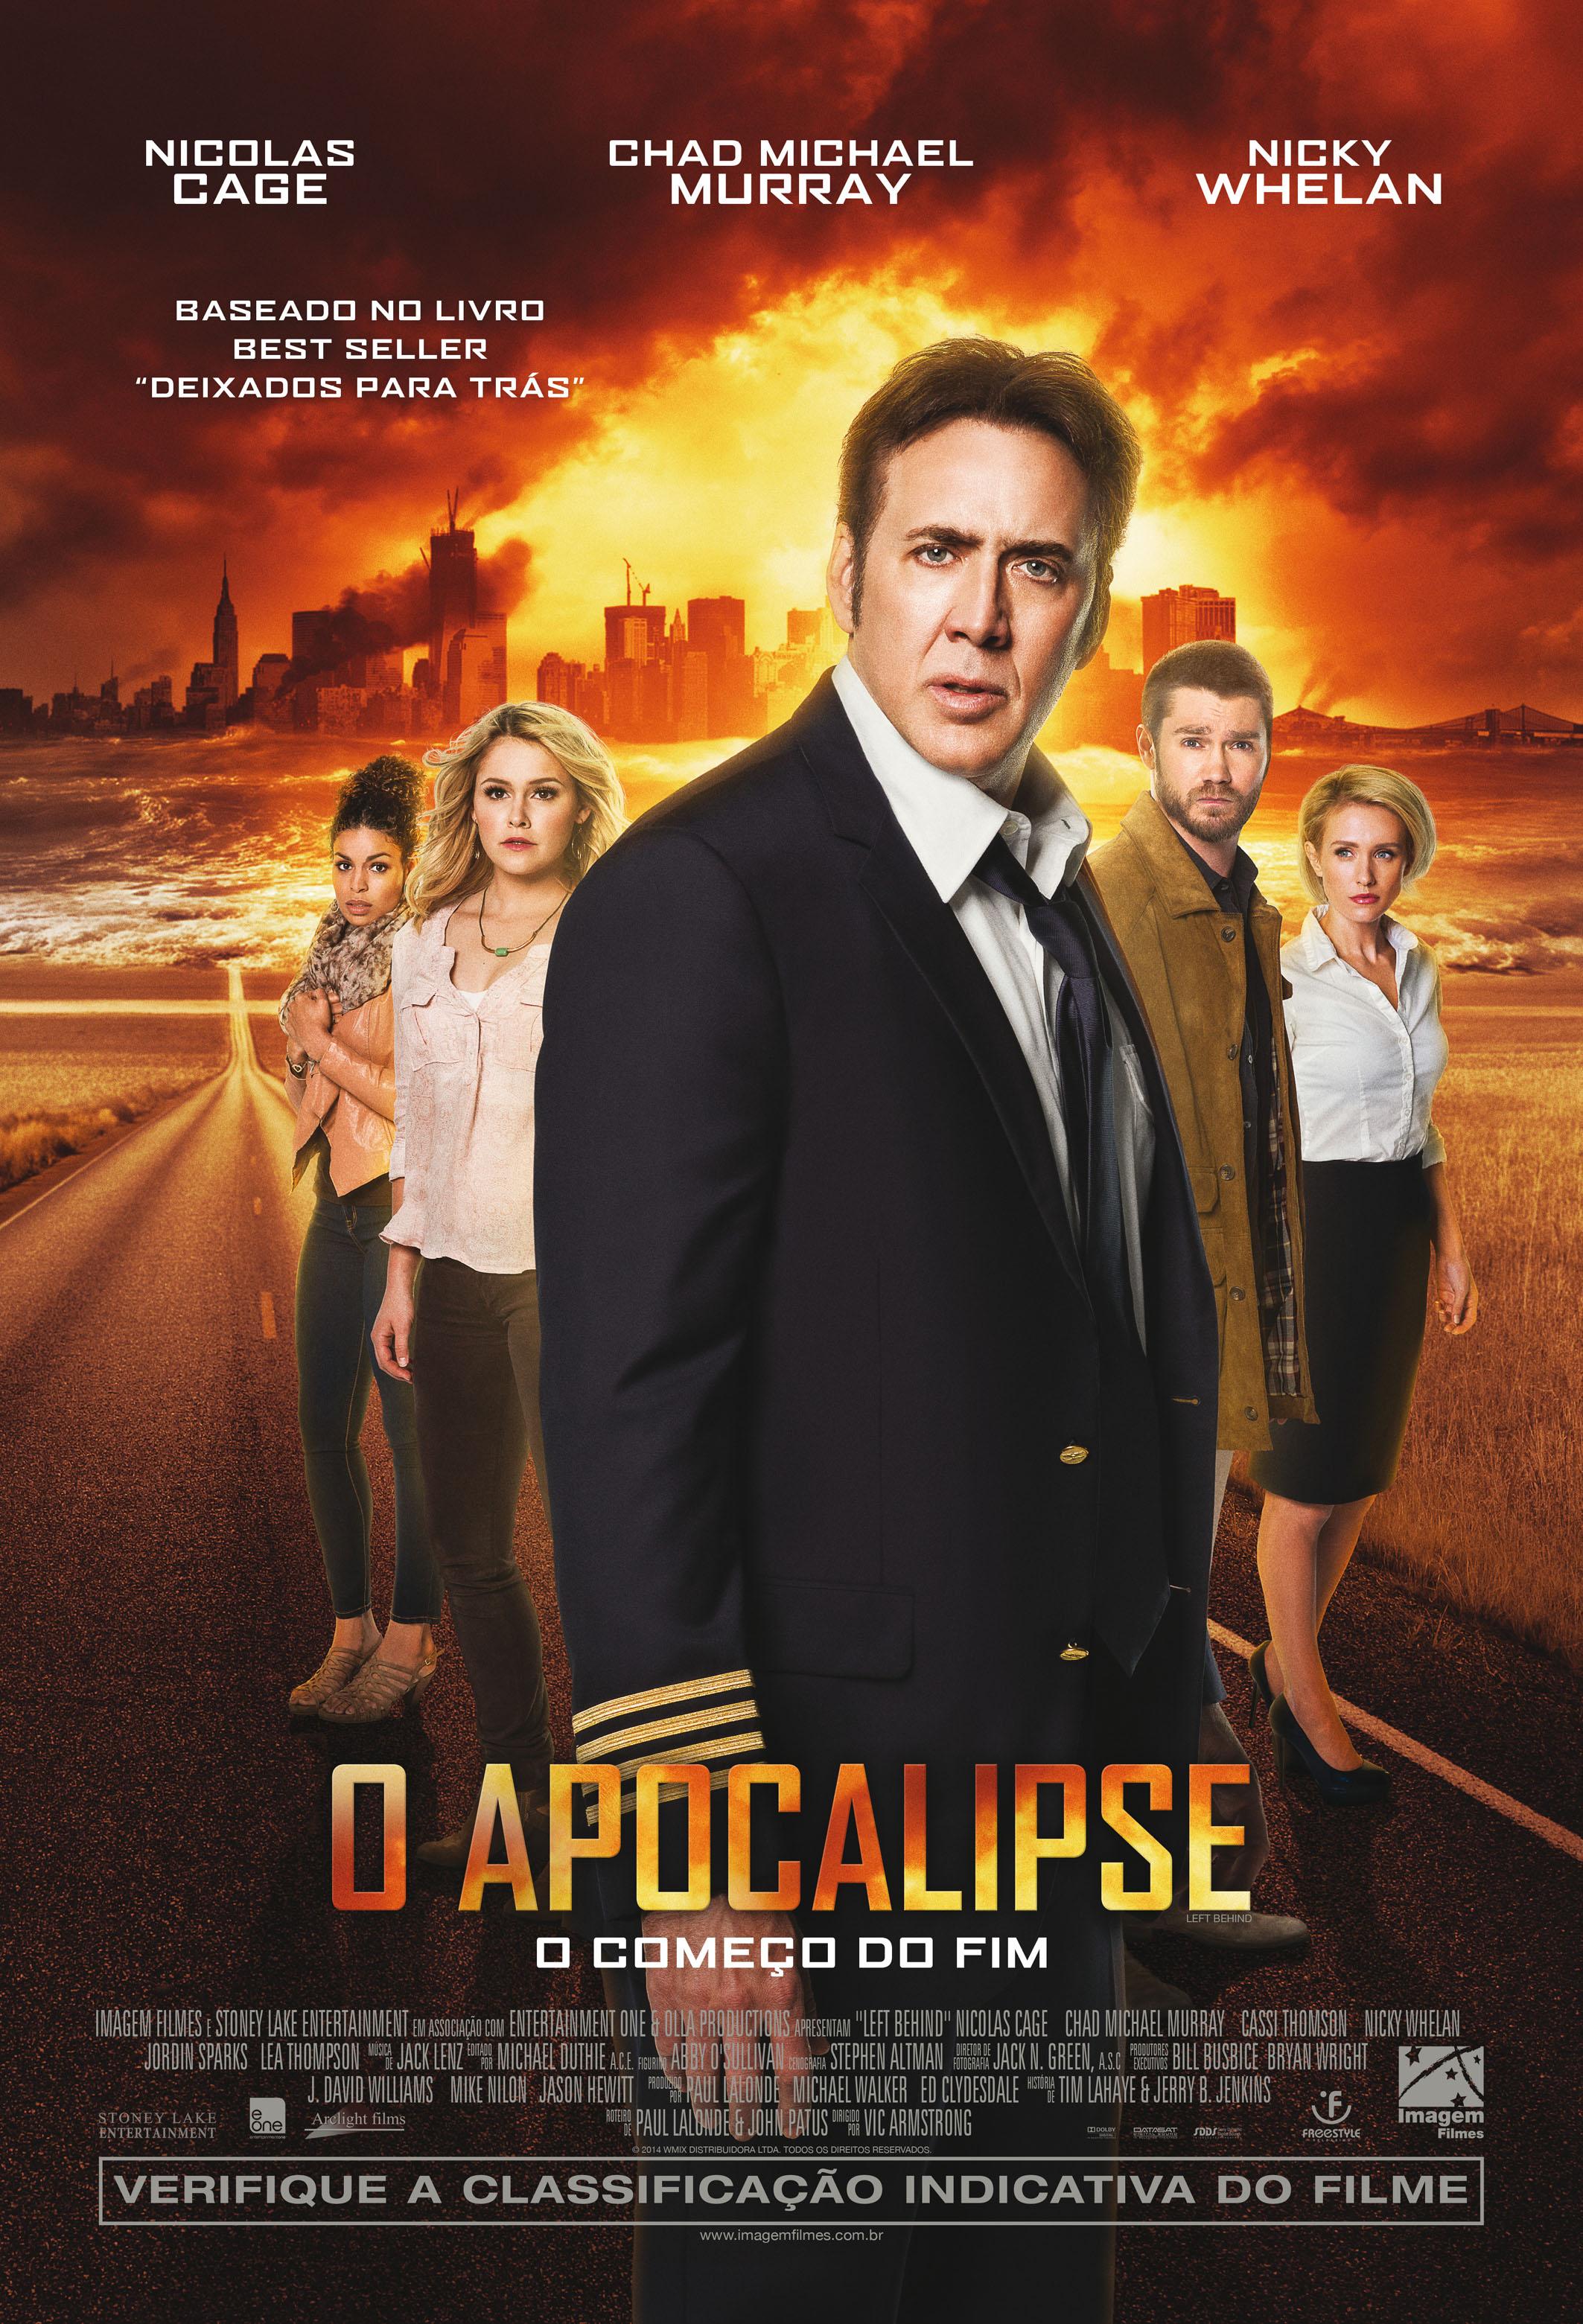 A Lei É Para Todos Filme Completo Dublado o apocalipse: filmes similares - adorocinema